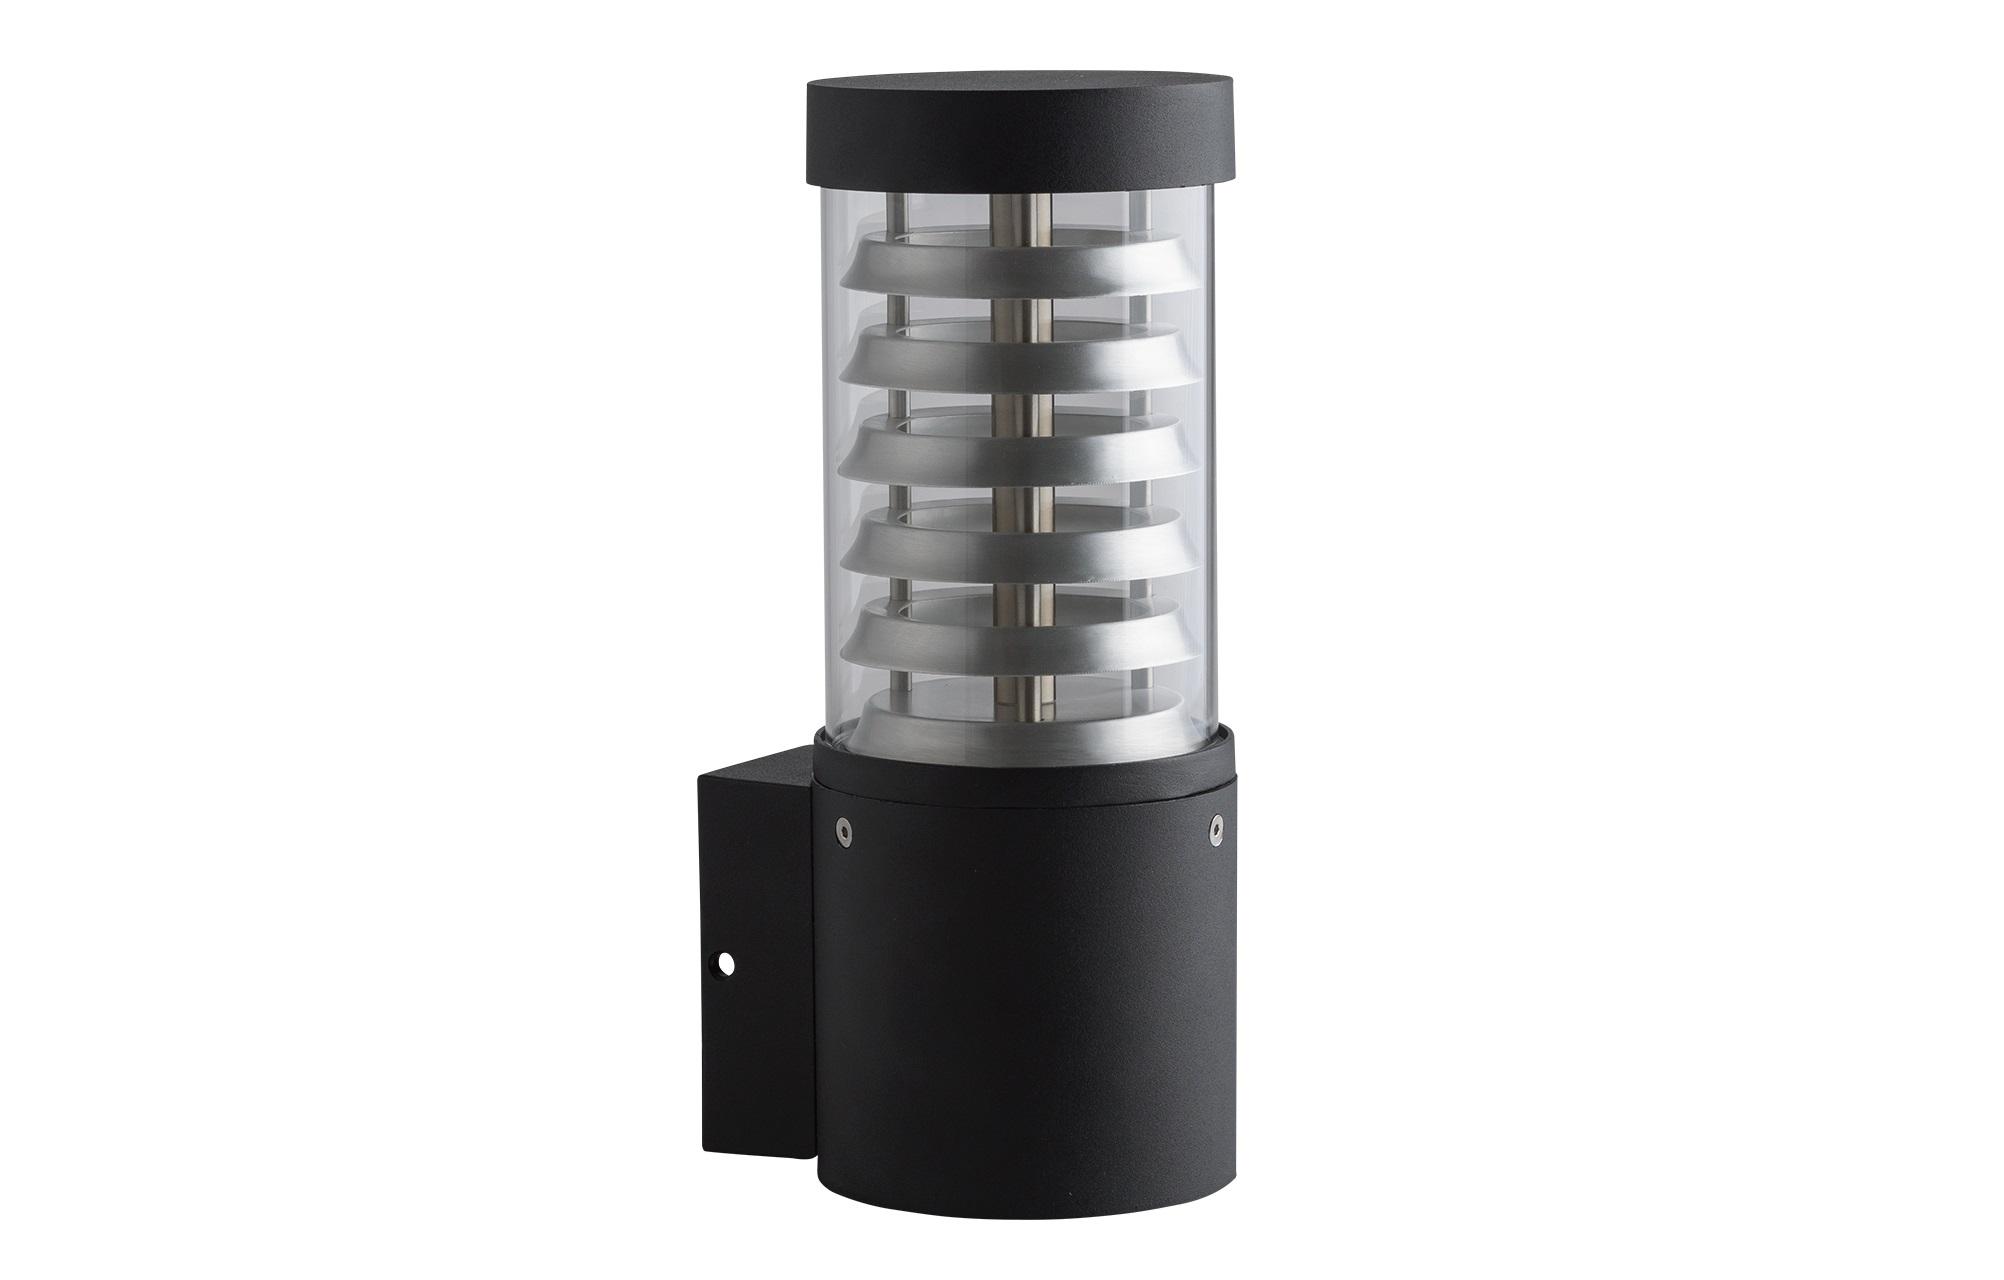 Уличный светильник МеркурийУличные настенные светильники<br>&amp;lt;div&amp;gt;Свет на улице может исходить не только от солнца или луны, но и от современного, многофункционального, стильного светильника. Пример тому – светильники из коллекции «Меркурий». &amp;amp;nbsp;Металлическое основание классического чёрного цвета удачно гармонирует с плафоном из прозрачного стекла. В верхней части плафона размещены светодиоды, а во внутренней его части расположены алюминиевые рассеиватели, за счет чего свет от ламп отражается и значительно увеличивает параметры освещенности. Рекомендуемая площадь освещения порядка 2,5 кв.м.&amp;amp;nbsp;&amp;lt;span style=&amp;quot;line-height: 1.78571;&amp;quot;&amp;gt;Металлическое основание черного цвета, плафон из стекла.&amp;lt;/span&amp;gt;&amp;lt;/div&amp;gt;&amp;lt;div&amp;gt;&amp;lt;br&amp;gt;&amp;lt;/div&amp;gt;&amp;lt;div&amp;gt;&amp;lt;div&amp;gt;Количество ламп: 5 шт&amp;lt;/div&amp;gt;&amp;lt;div&amp;gt;Мощность лампы: 2W&amp;lt;/div&amp;gt;&amp;lt;div&amp;gt;Тип лампы: LED&amp;lt;/div&amp;gt;&amp;lt;/div&amp;gt;&amp;lt;div&amp;gt;Рабочее напряжение &amp;amp;nbsp;220V&amp;lt;/div&amp;gt;&amp;lt;div&amp;gt;&amp;lt;span style=&amp;quot;line-height: 1.78571;&amp;quot;&amp;gt;Степень защиты светильников от пыли и влаги&amp;lt;/span&amp;gt;&amp;lt;span style=&amp;quot;line-height: 1.78571;&amp;quot;&amp;gt;&amp;amp;nbsp;IP65&amp;lt;/span&amp;gt;&amp;lt;br&amp;gt;&amp;lt;/div&amp;gt;<br><br>Material: Металл<br>Length см: None<br>Width см: 11<br>Depth см: 14<br>Height см: 29